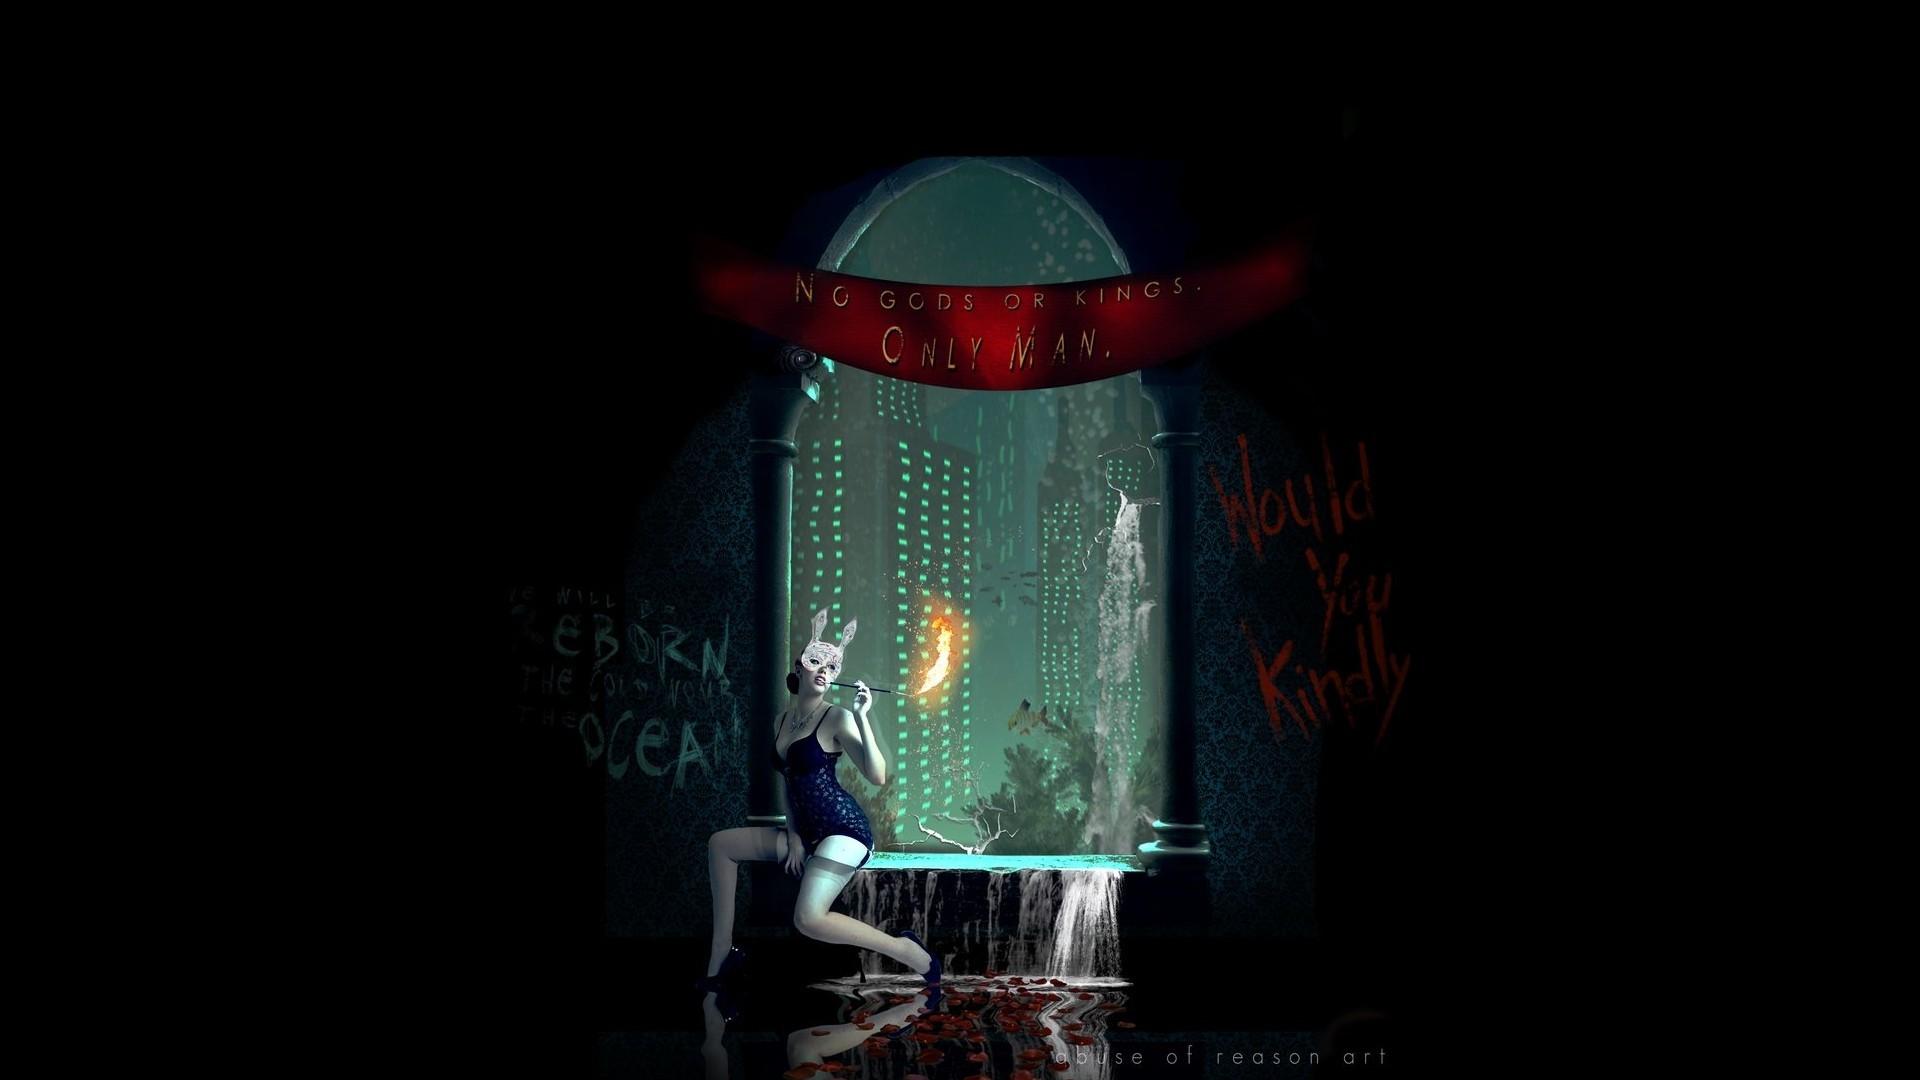 Wallpaper Video Games Night Red Lantern Bioshock